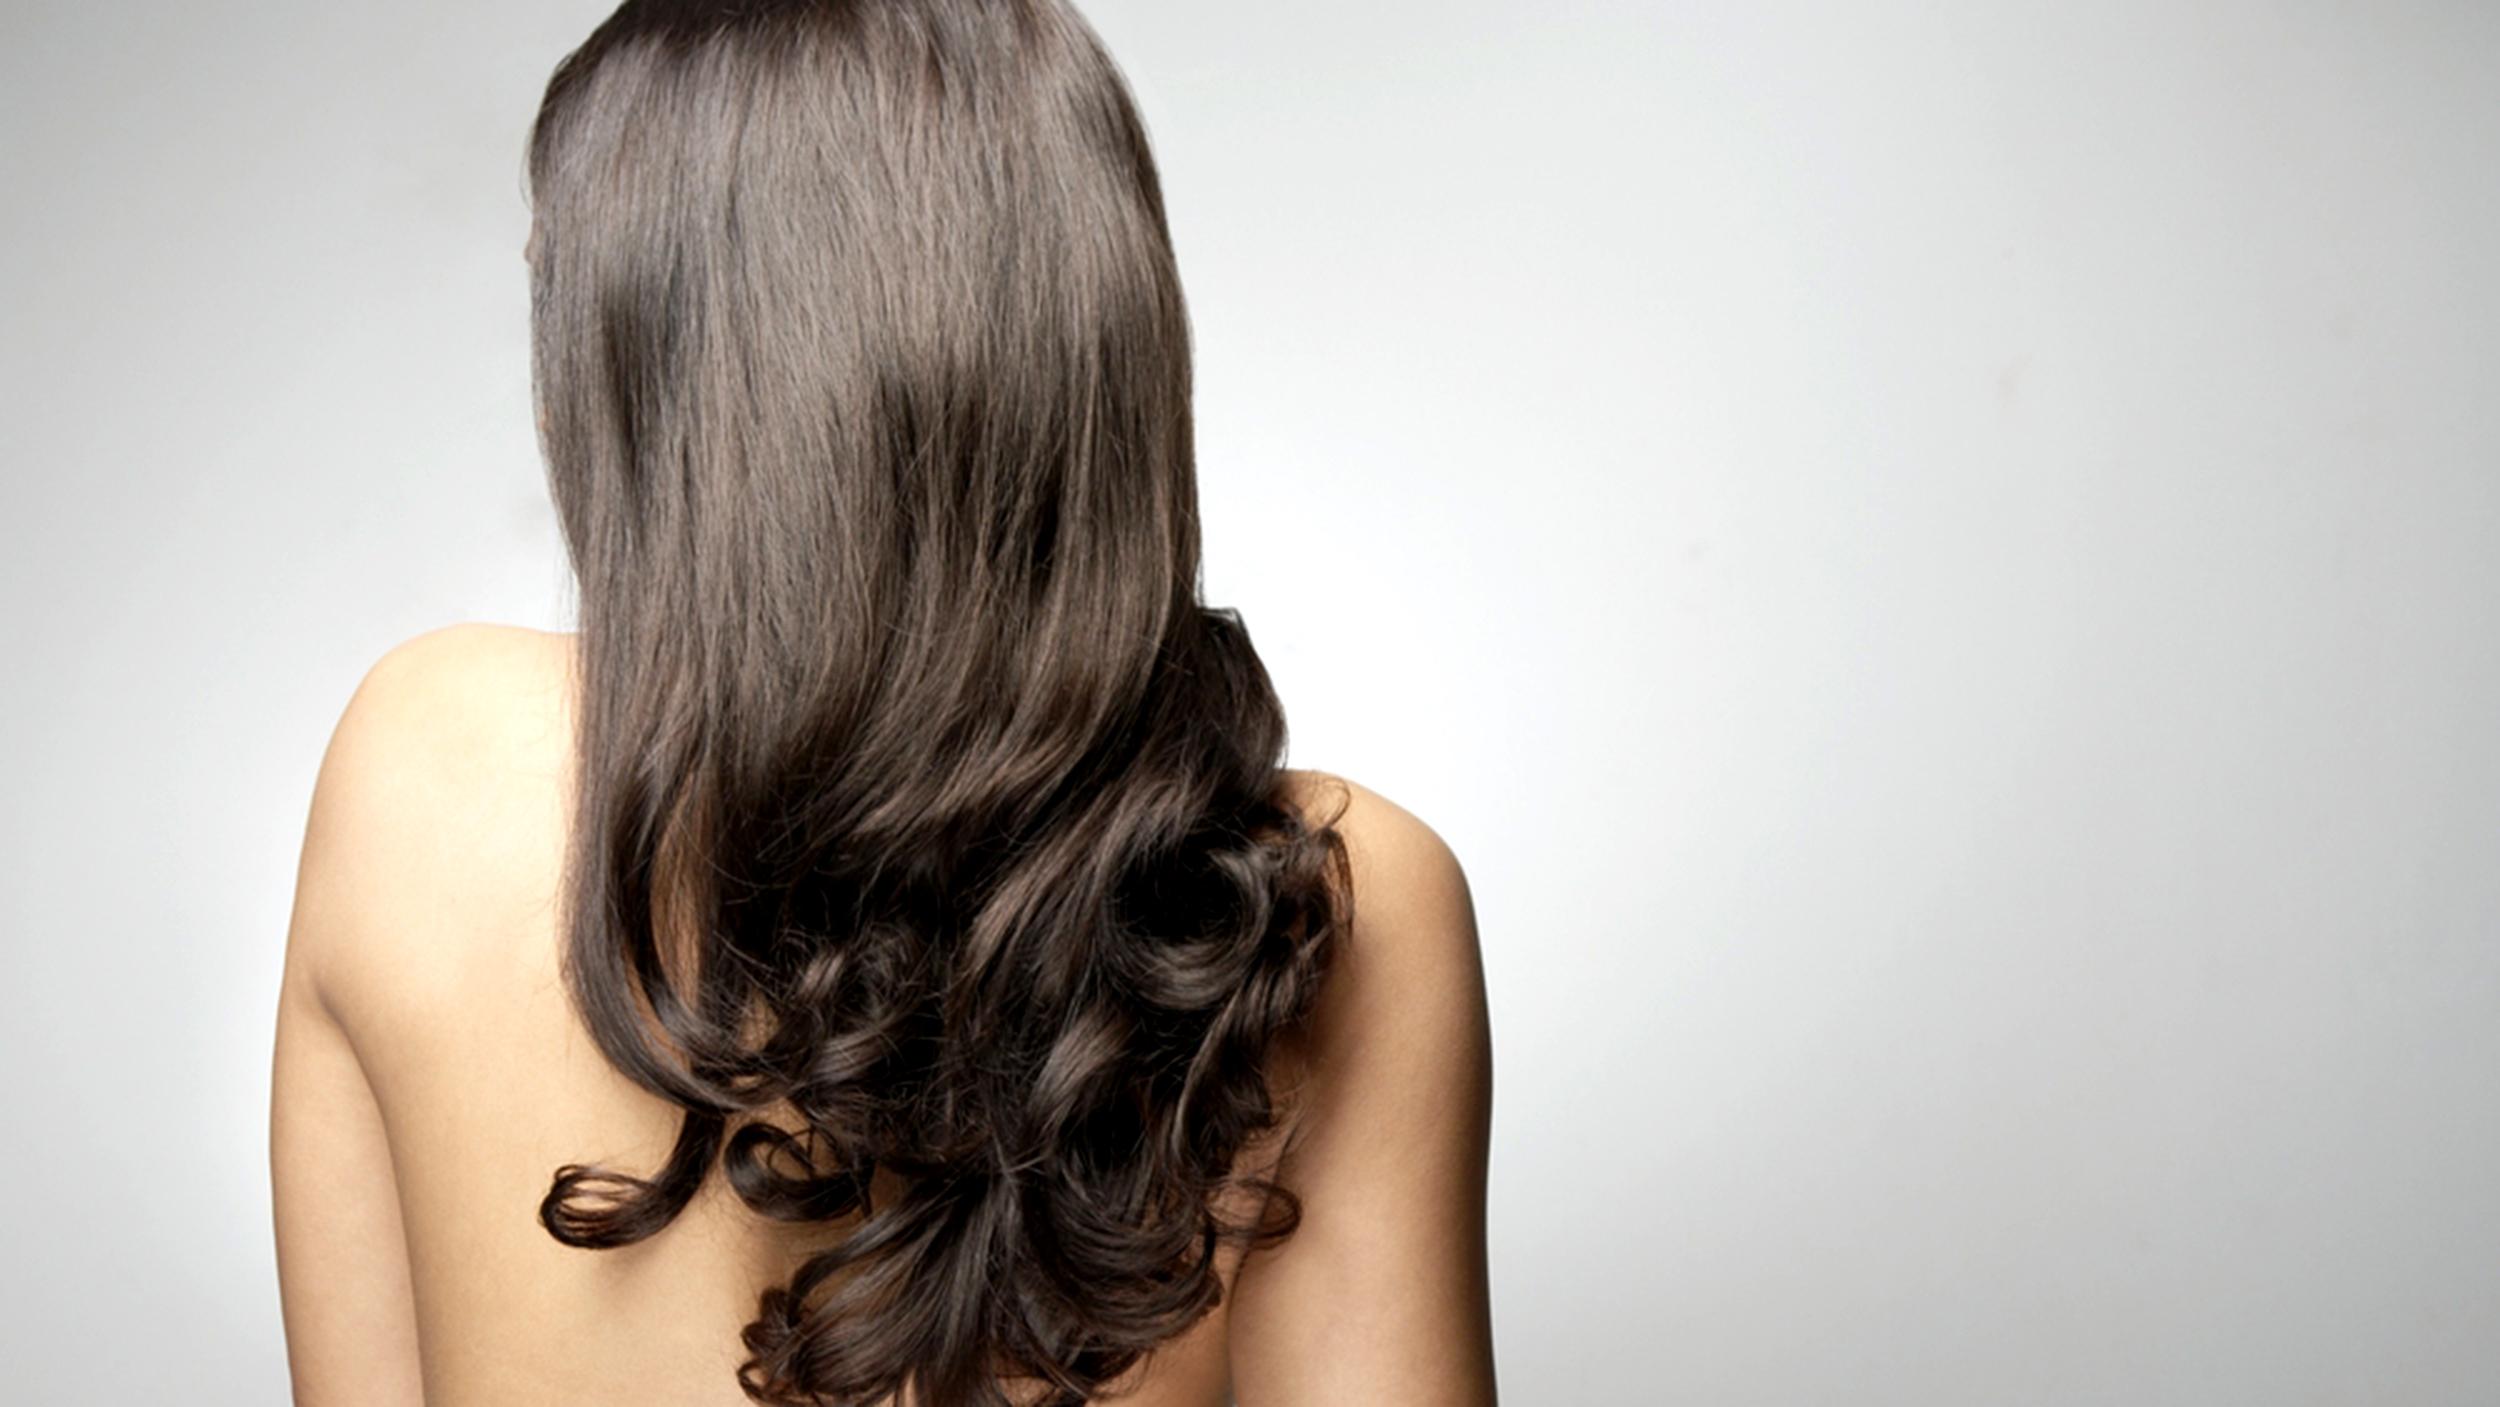 Проблемы коротких и длинных волос